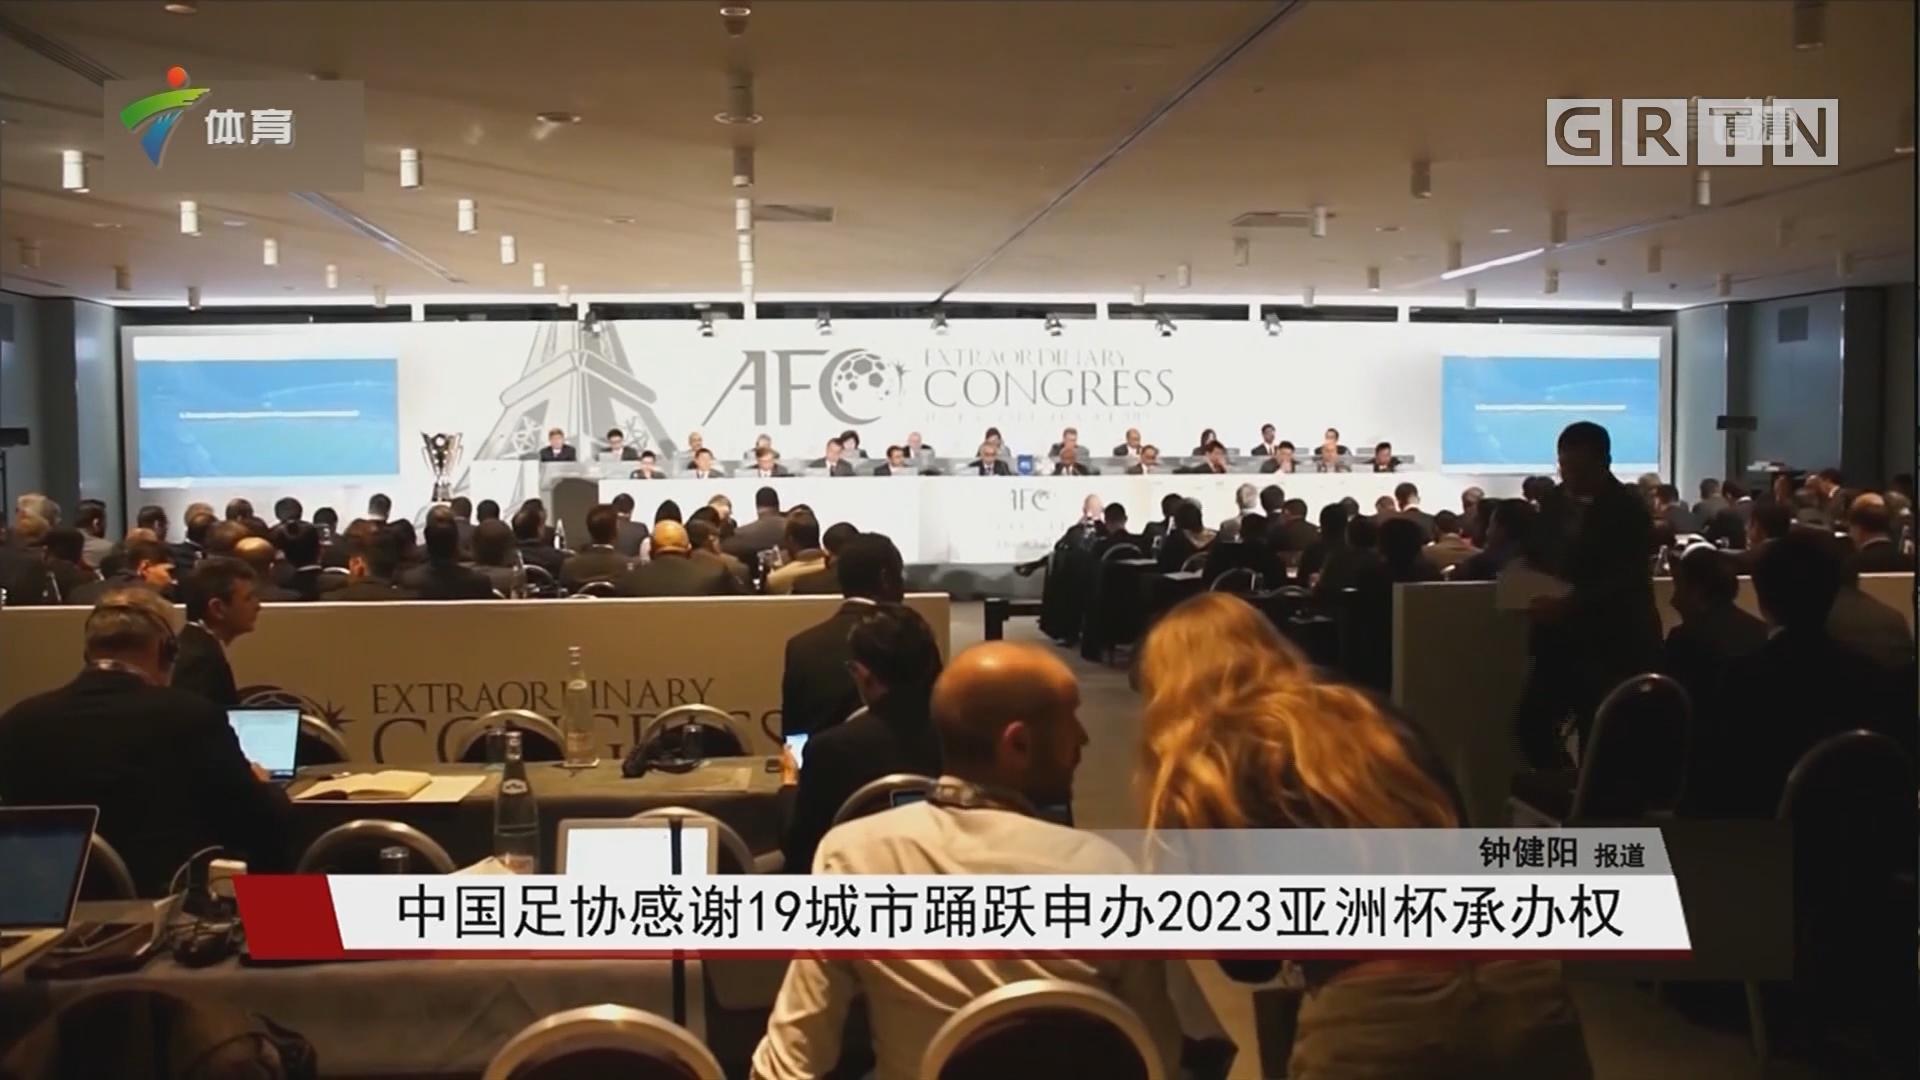 中国足协感谢19城市踊跃申办2023亚洲杯承办权